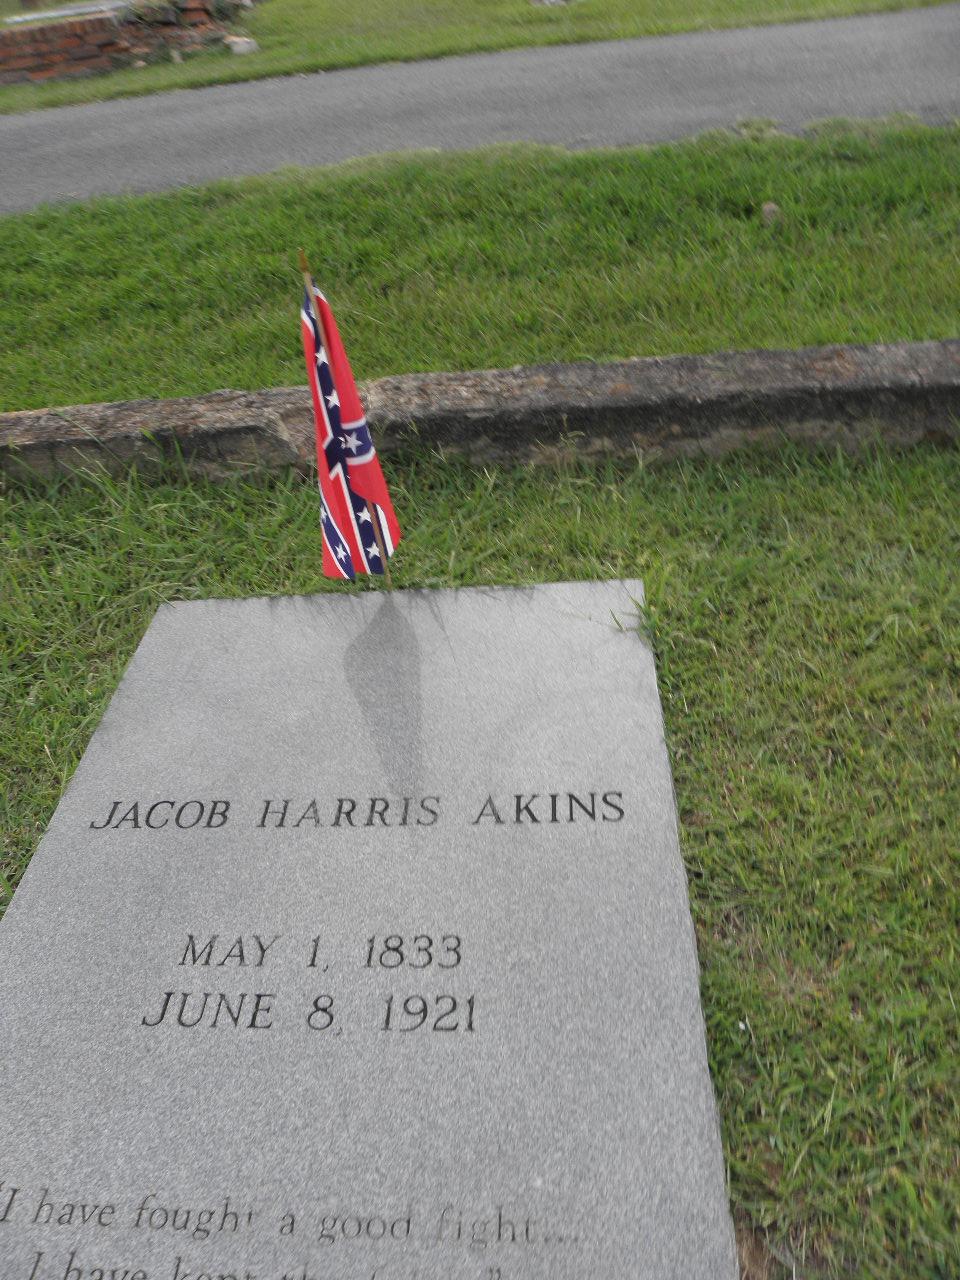 Jacob Harris Akins